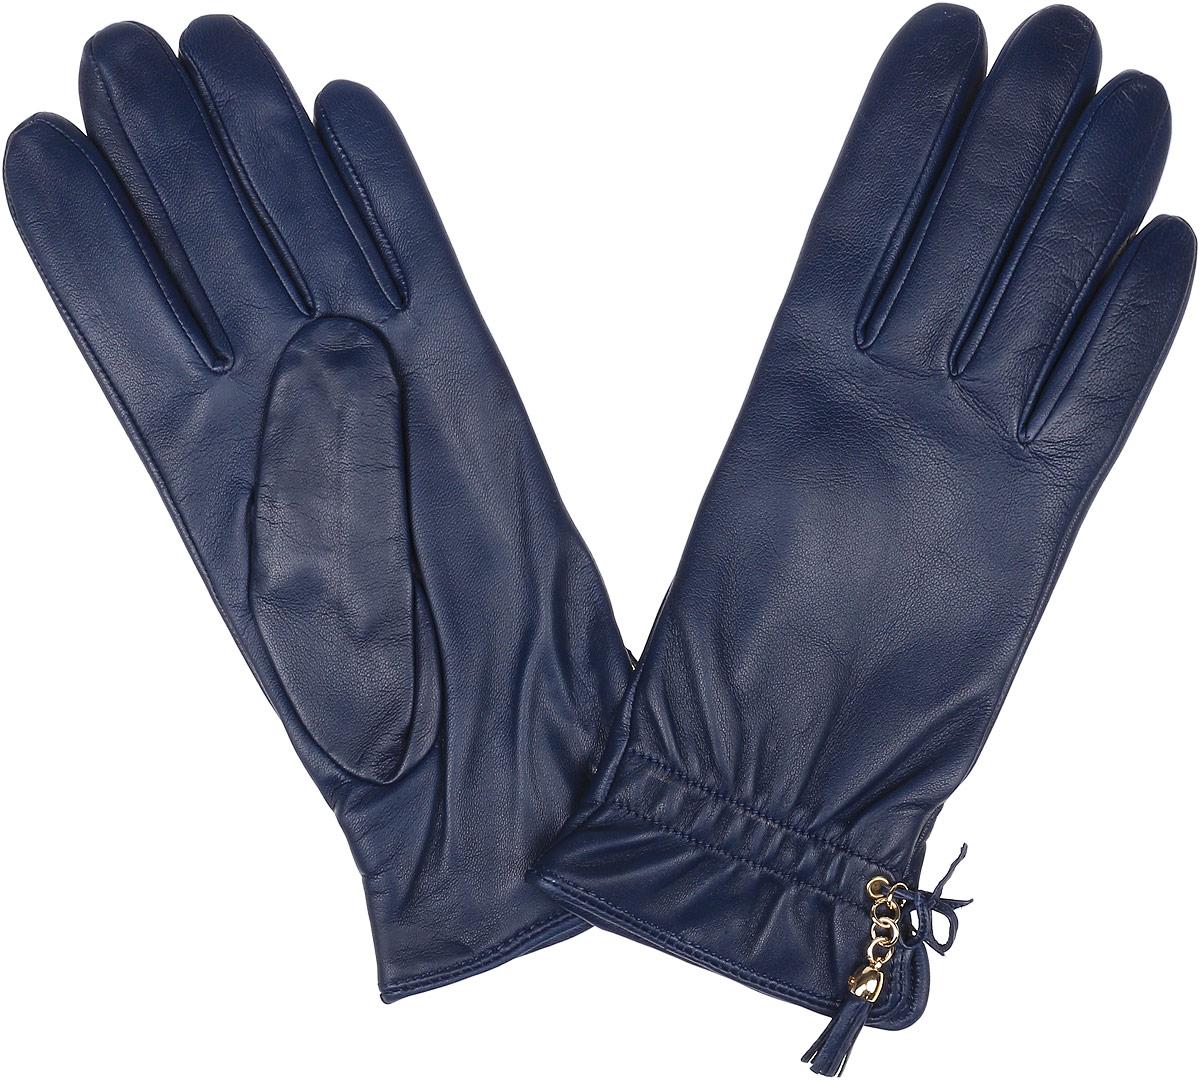 Перчатки женские Fabretti, цвет: темно-синий. 12.37-11. Размер 7,512.37-11 blueЭлегантные женские перчатки Fabretti станут великолепным дополнением вашего образа и защитят ваши руки от холода и ветра во время прогулок. Перчатки выполнены из натуральной кожи ягненка, подкладка - из шерсти и кашемира. Модель декорирована оригинальным бантиком и кожаной кисточкой. Такие перчатки будут оригинальным завершающим штрихом в создании современного модного образа, они подчеркнут ваш изысканный вкус и станут незаменимым и практичным аксессуаром.